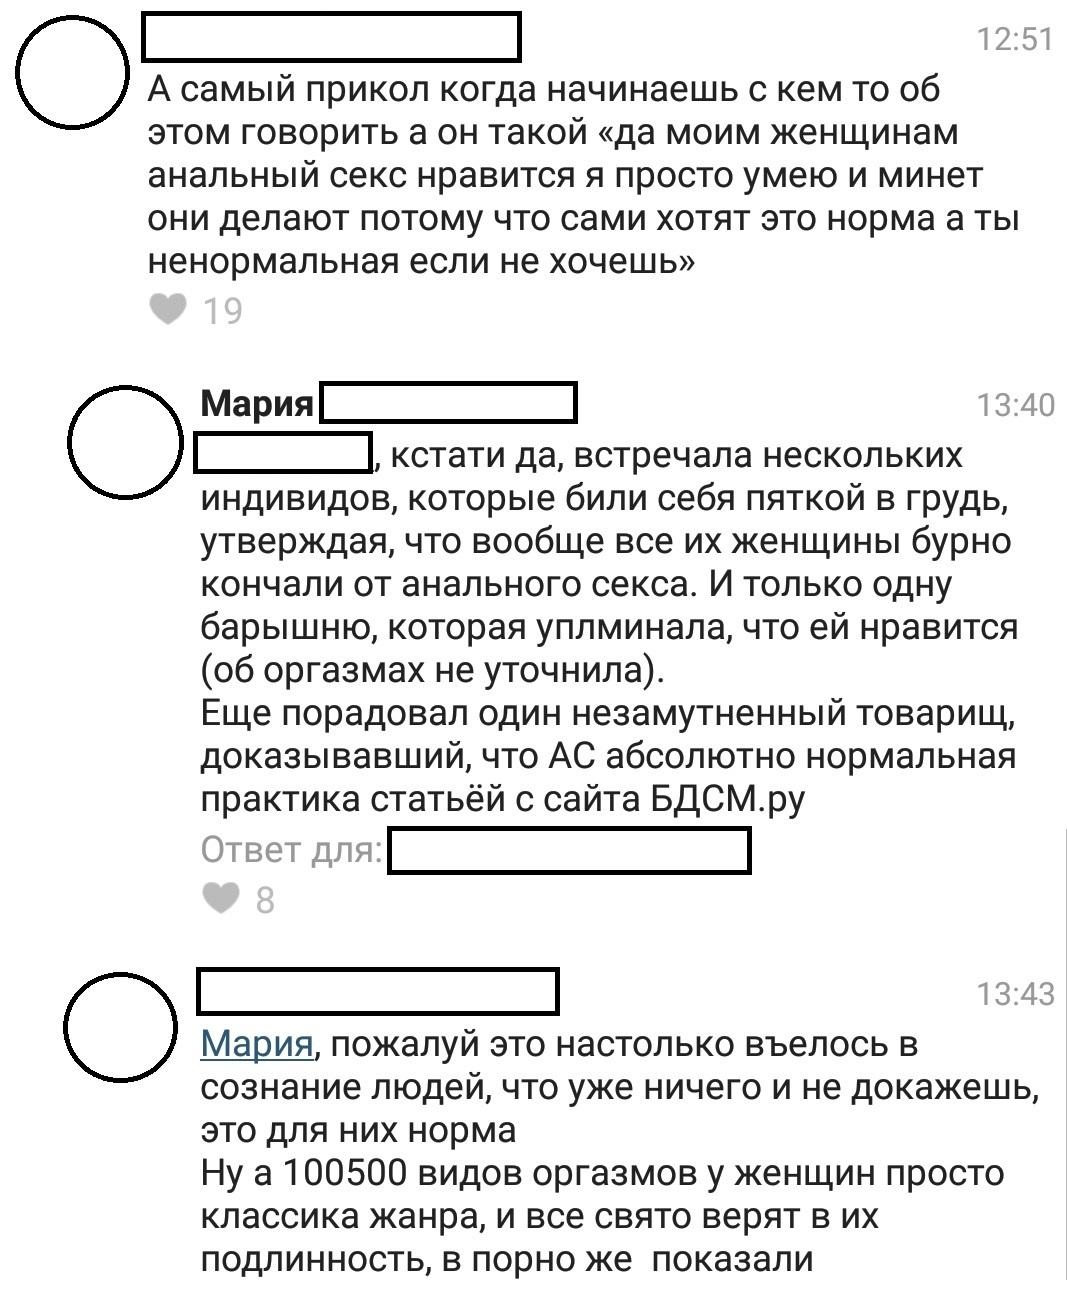 zhenshin-okruglimi-lyubovnik-predlozhil-analniy-seks-ya-v-isterike-devushka-zastavlyayut